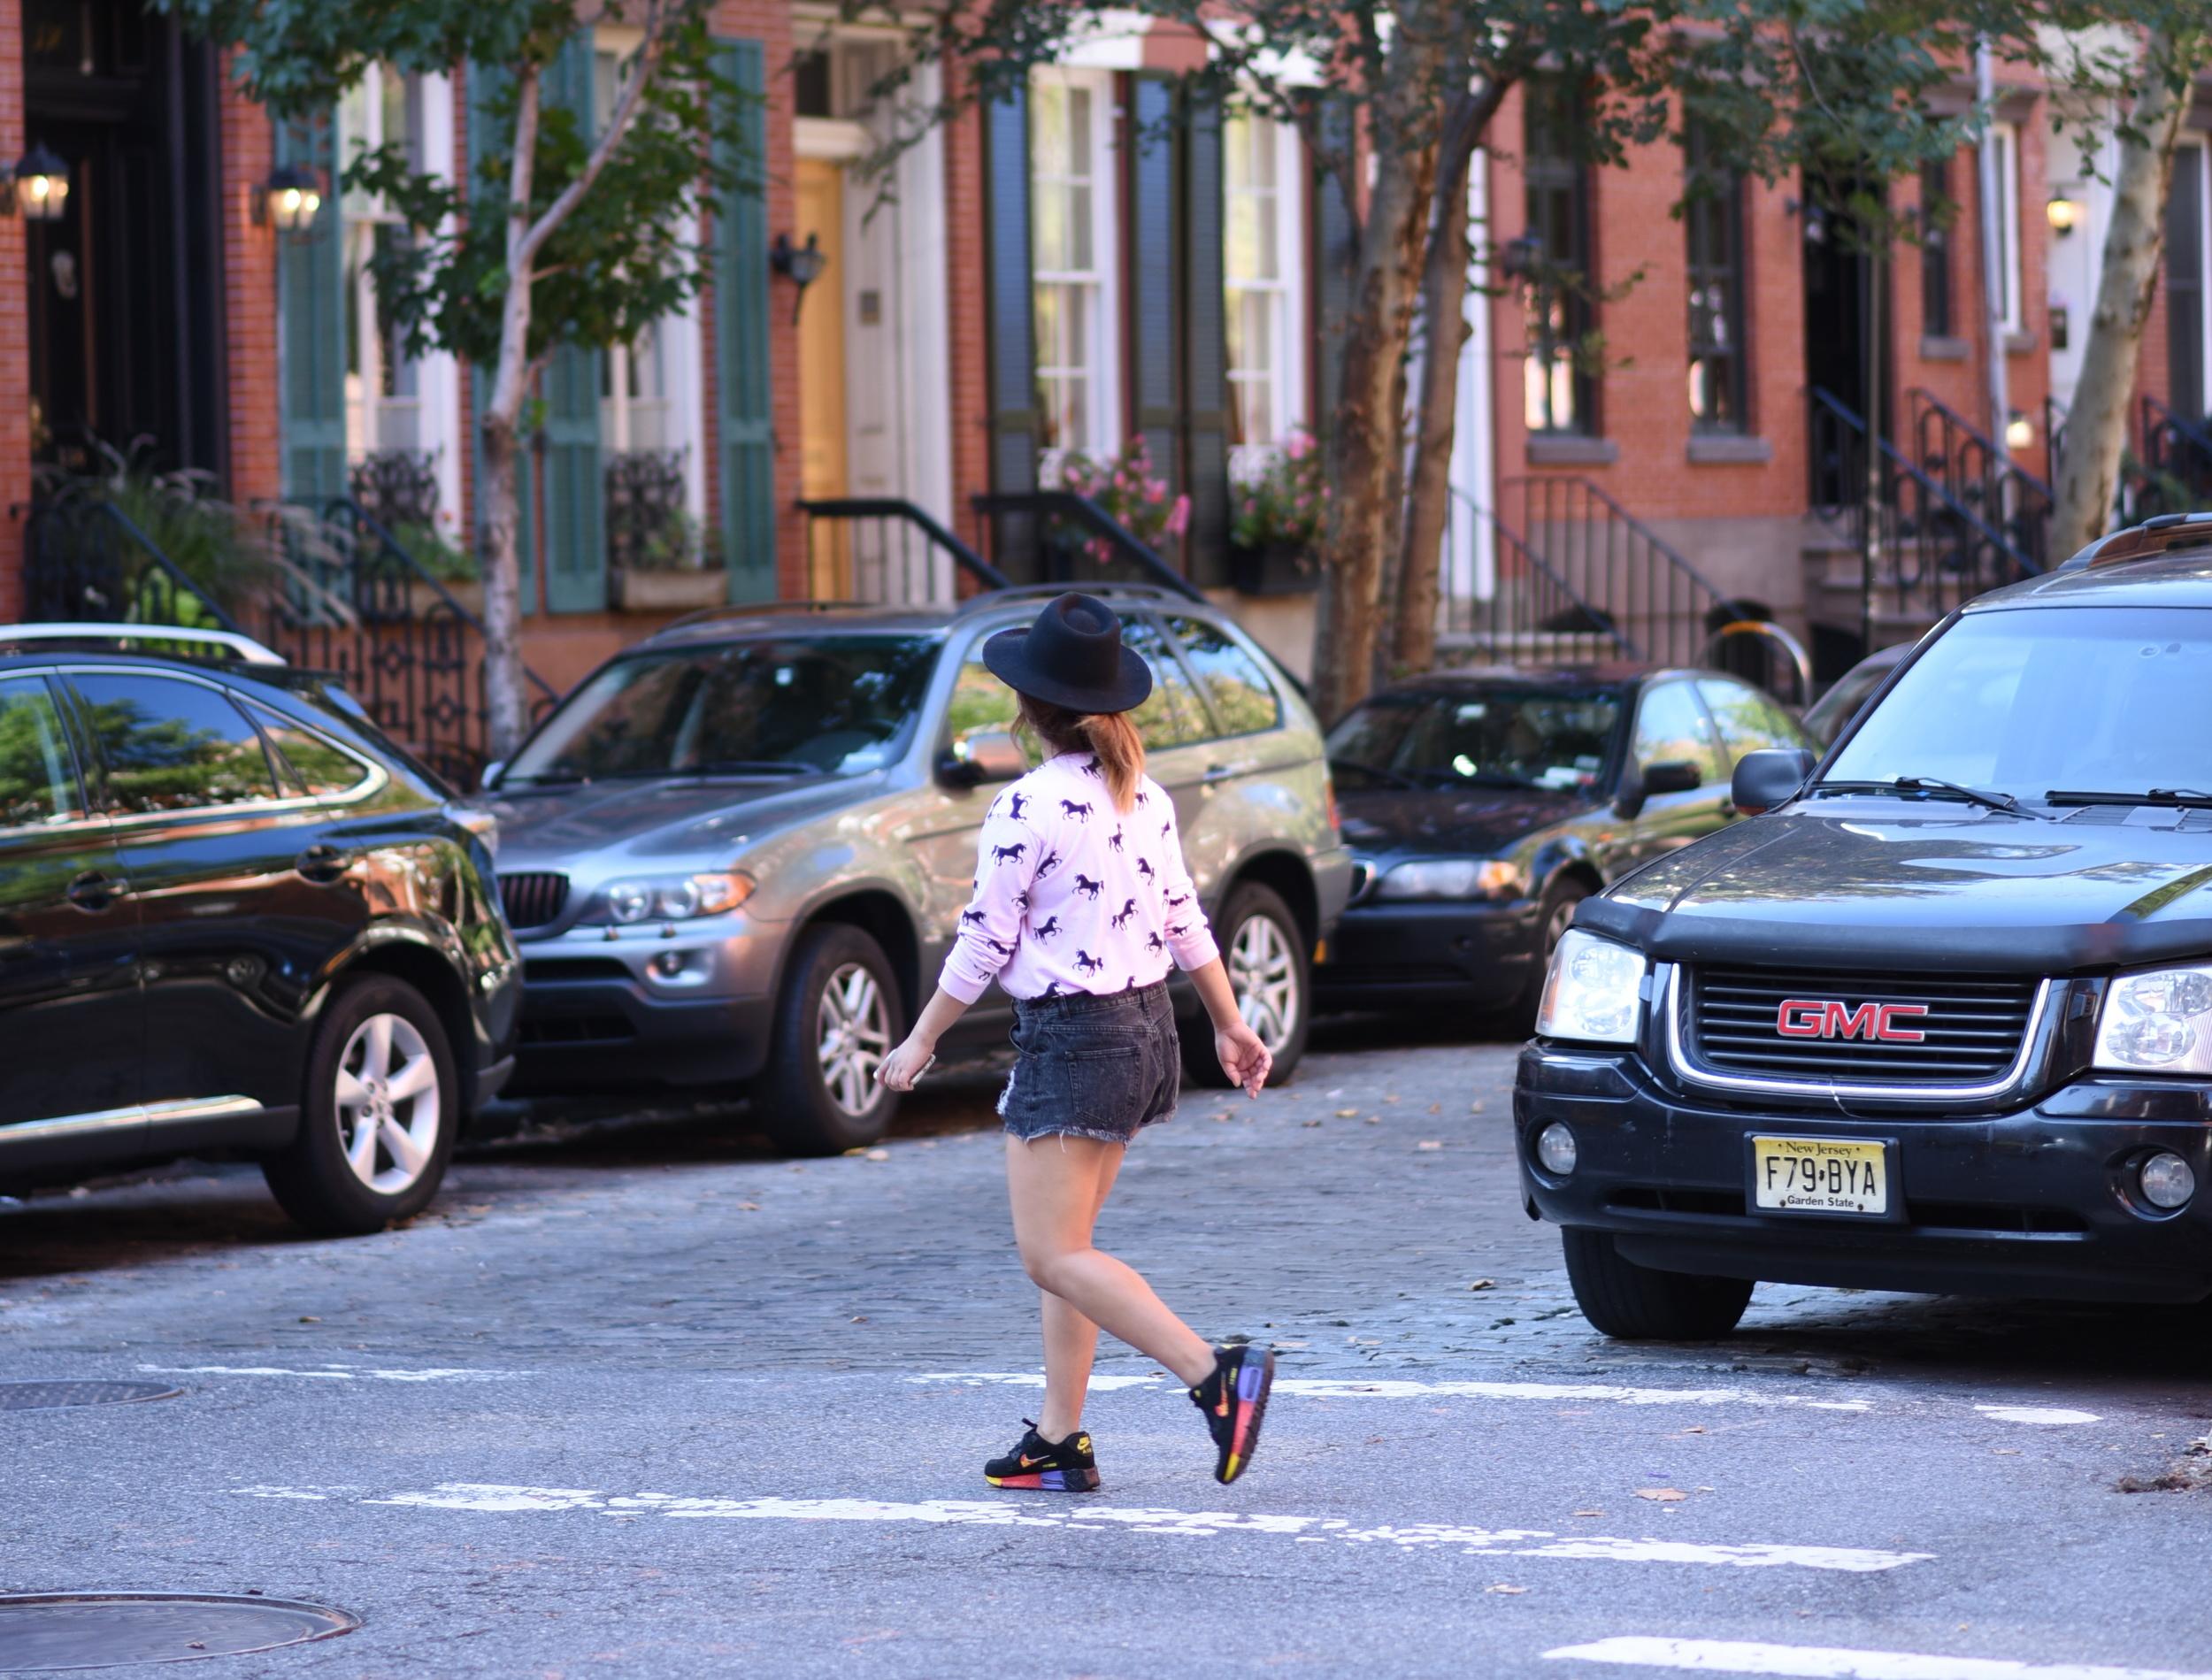 normal-people-in-new-york.jpg